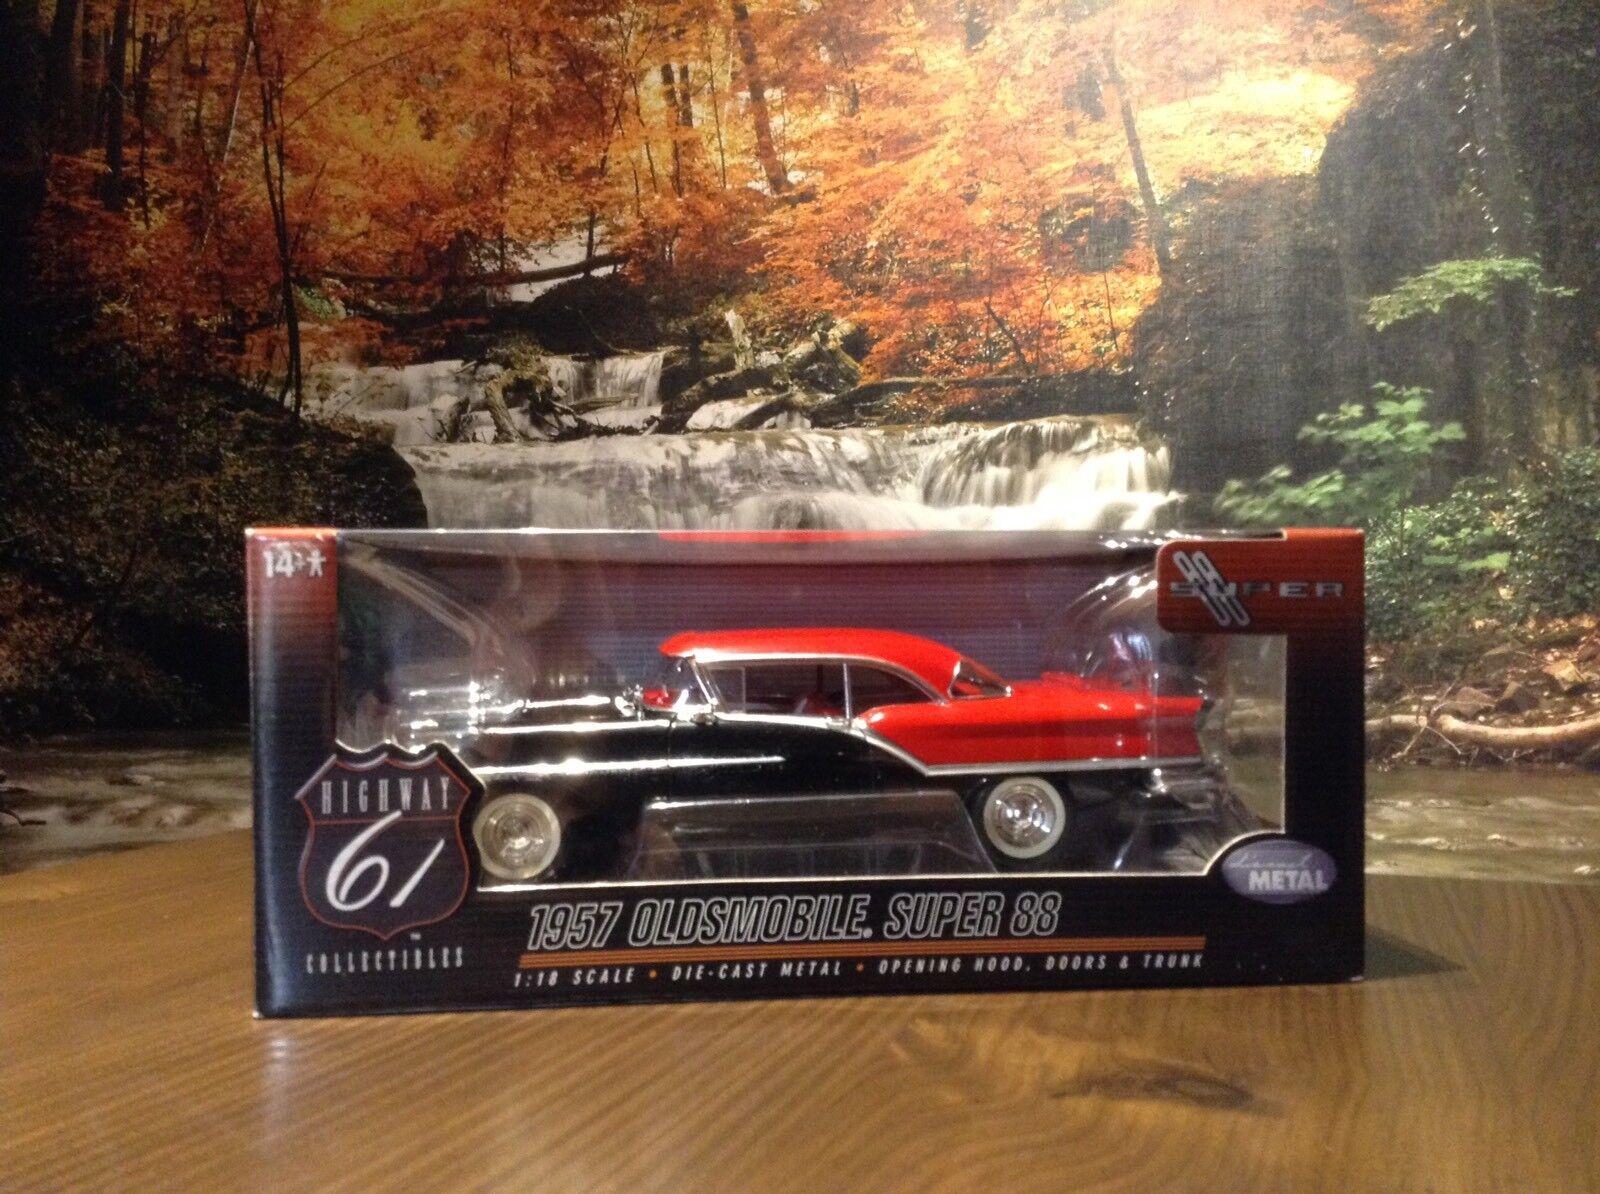 Highway 61 1 18 Oldsmobile Super 88 1957